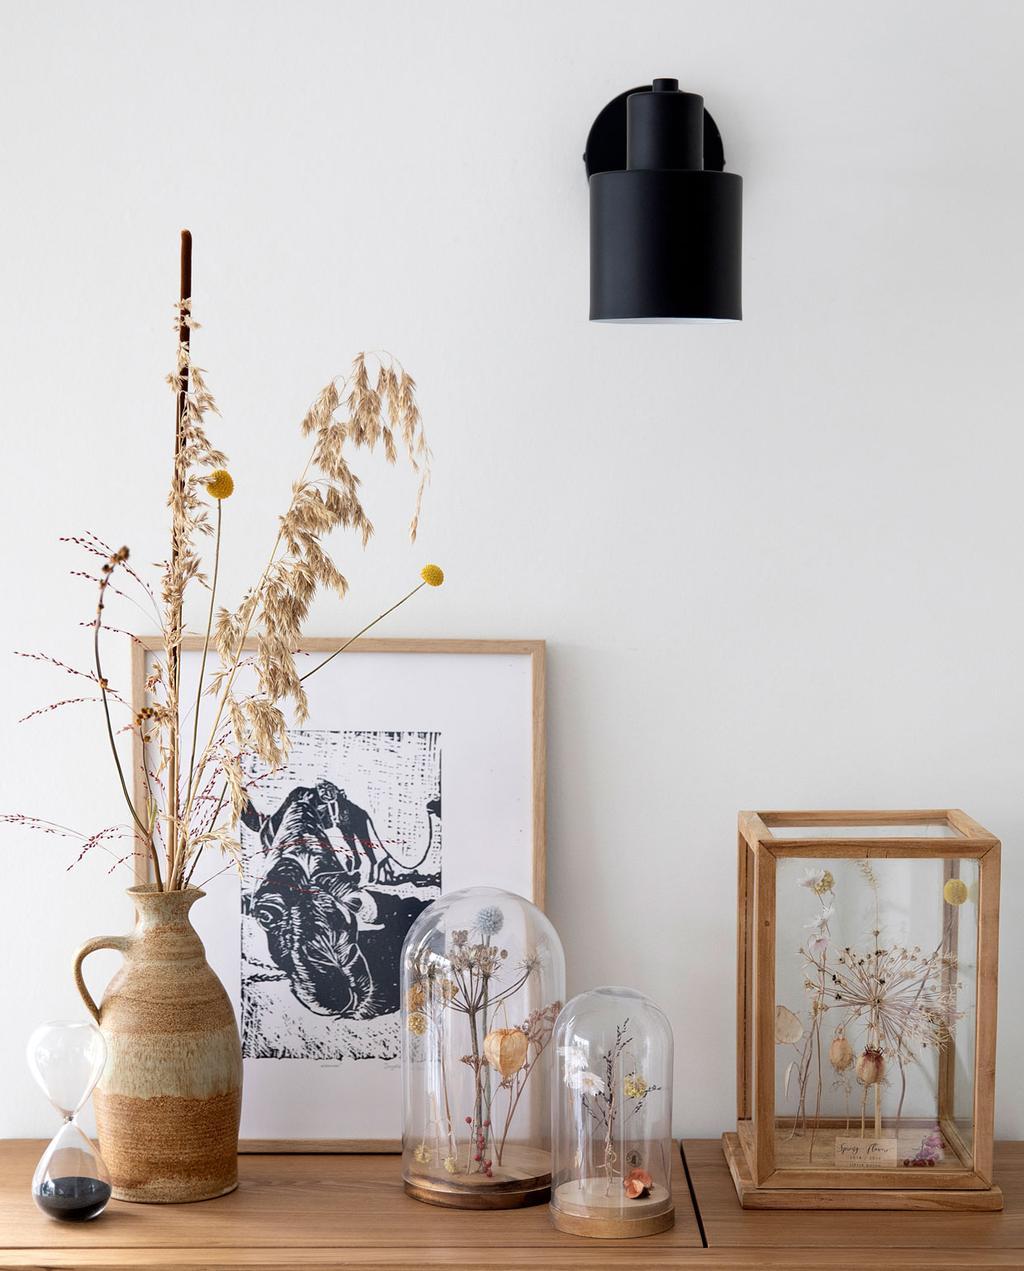 vtwonen 08-2021 | houten kast met stolpen en droogbloemen op de kast en een wandlamp aan de muur